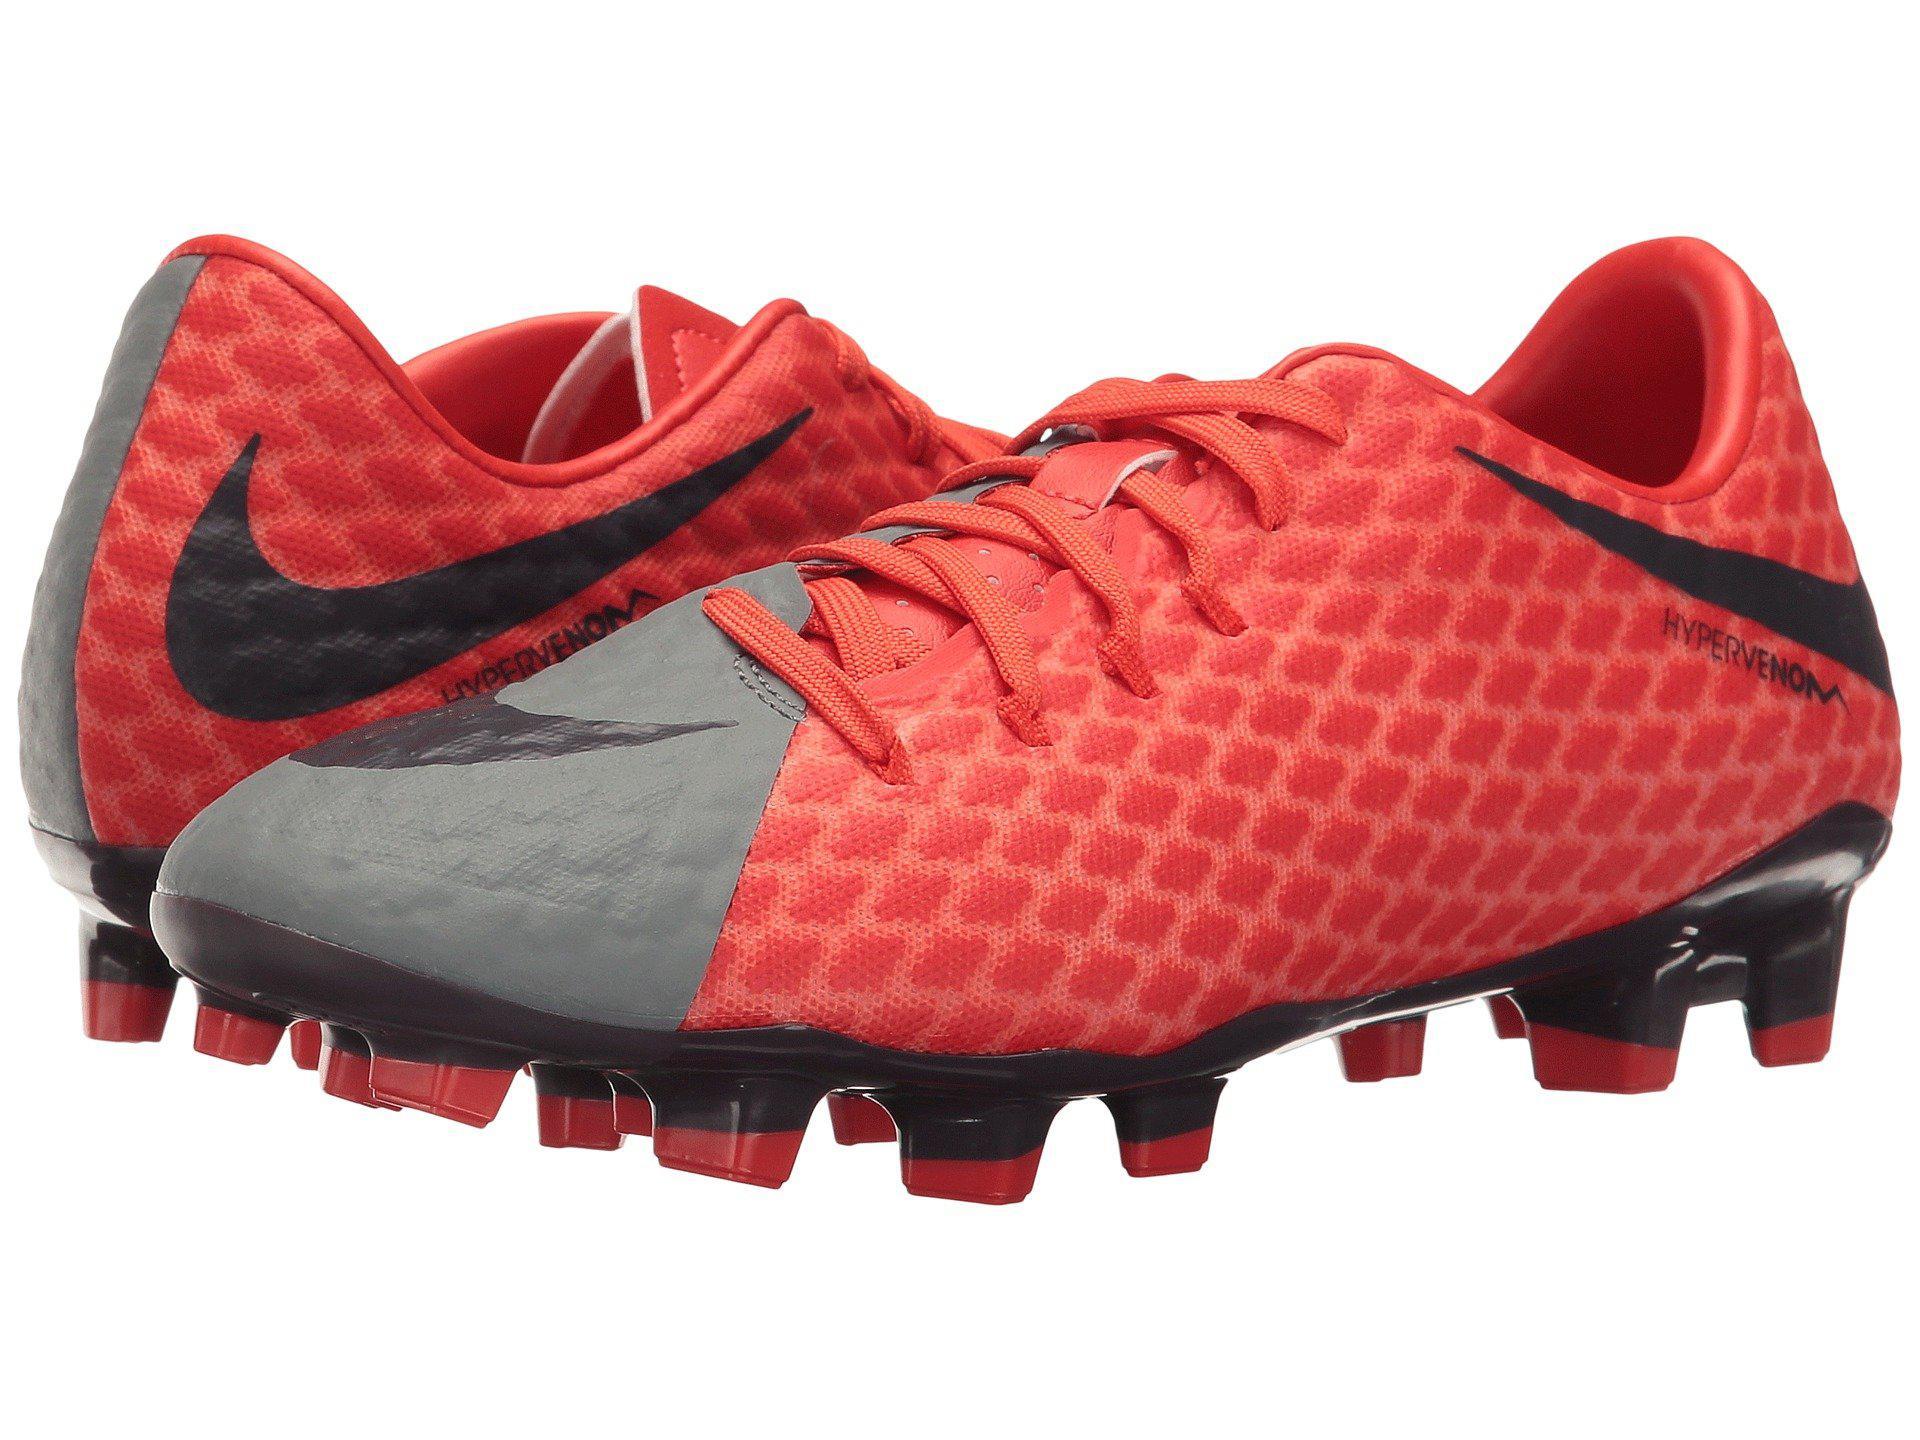 10d88fe31 Lyst - Nike Hypervenom Phelon Iii Fg in Red